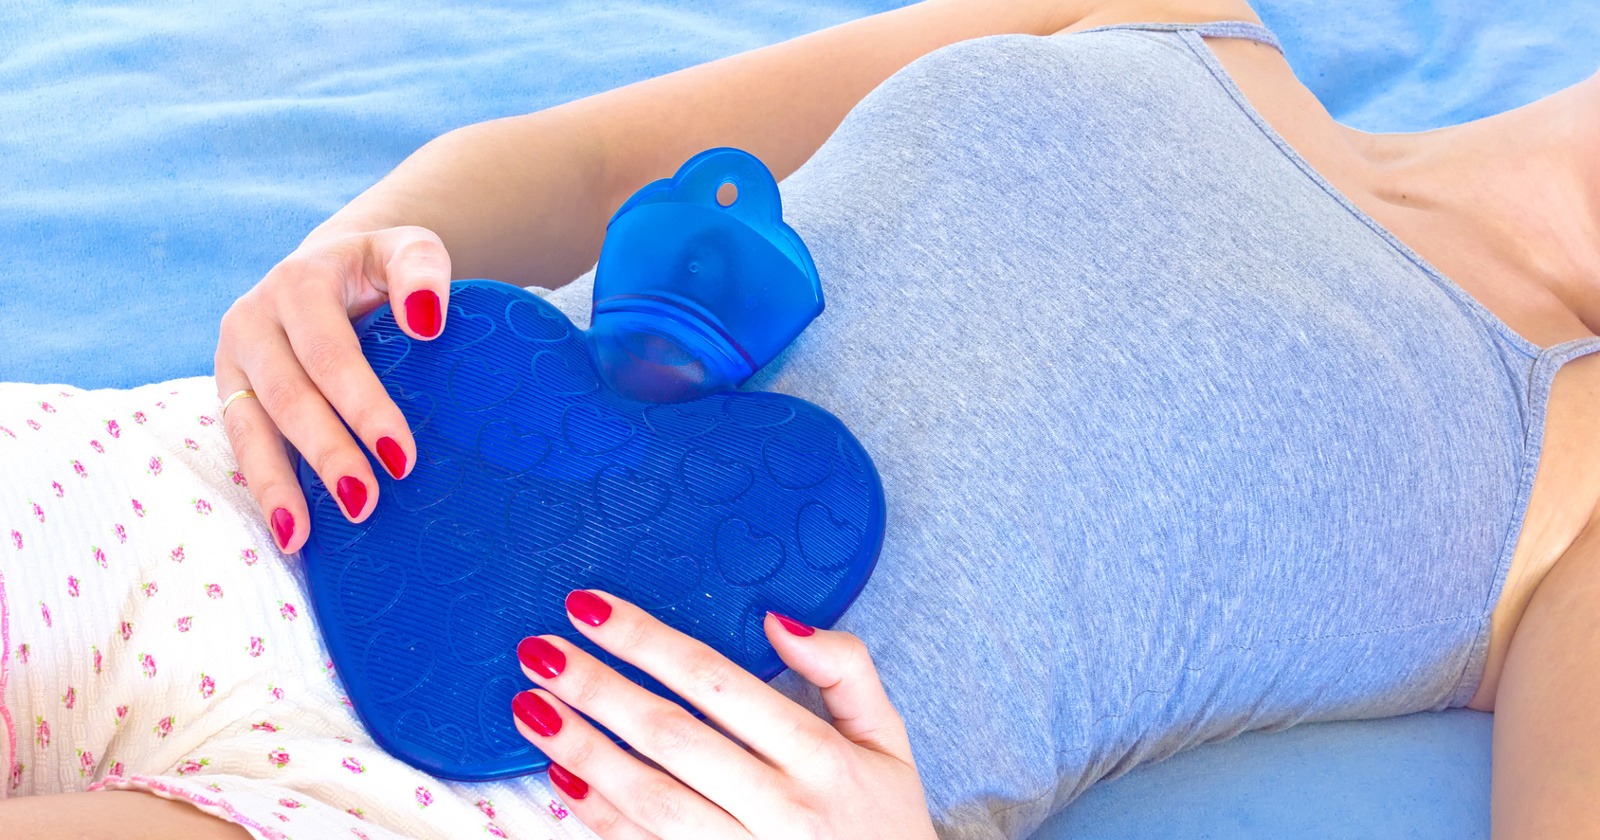 Wärme hilft dabei, Verspannungen im Bauch zu lösen und Magenkrämpfe zu linden.